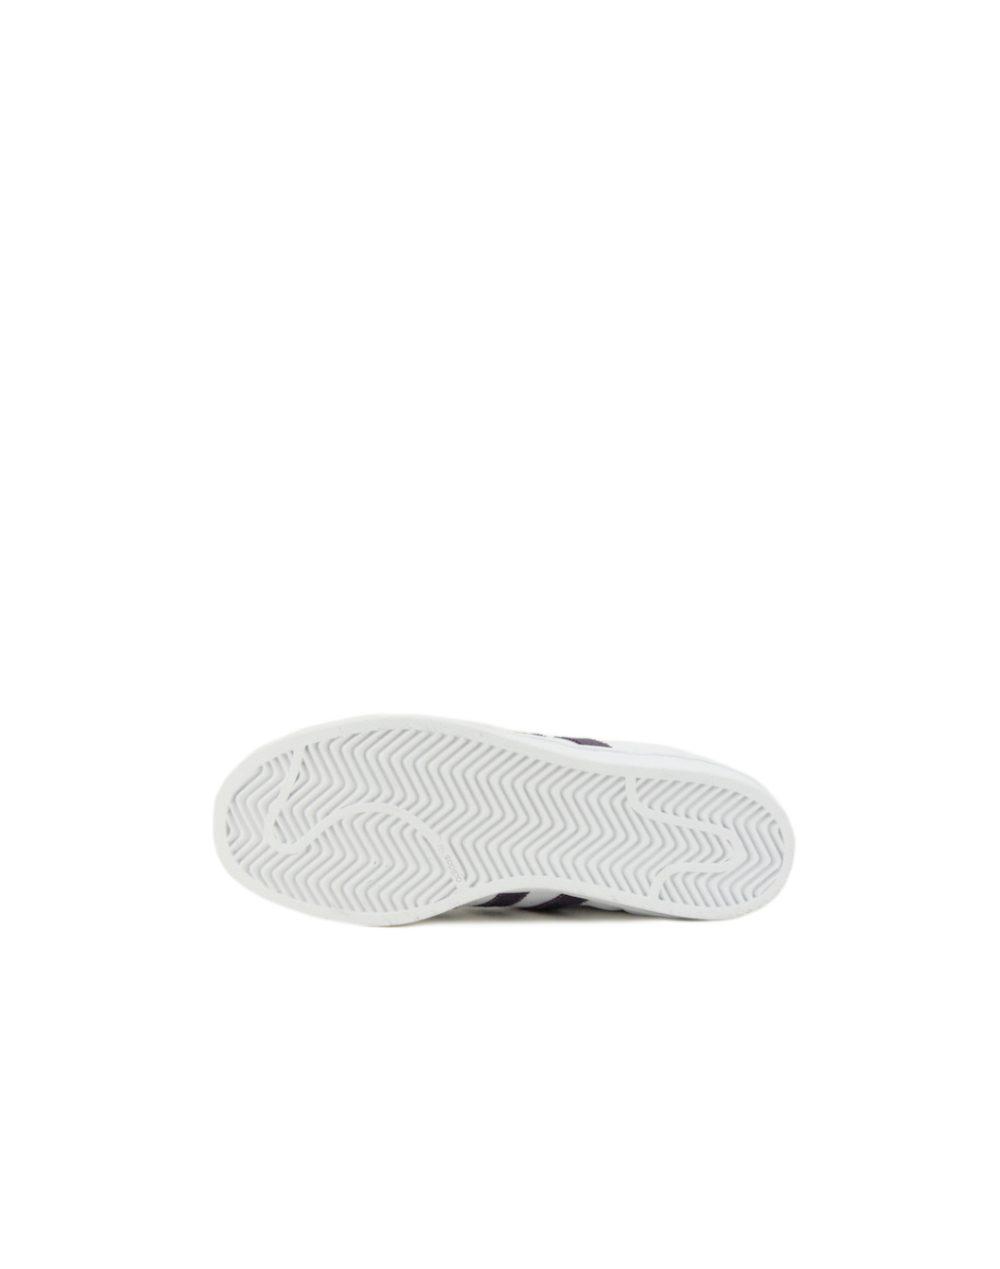 Adidas Superstar W White (B41510)